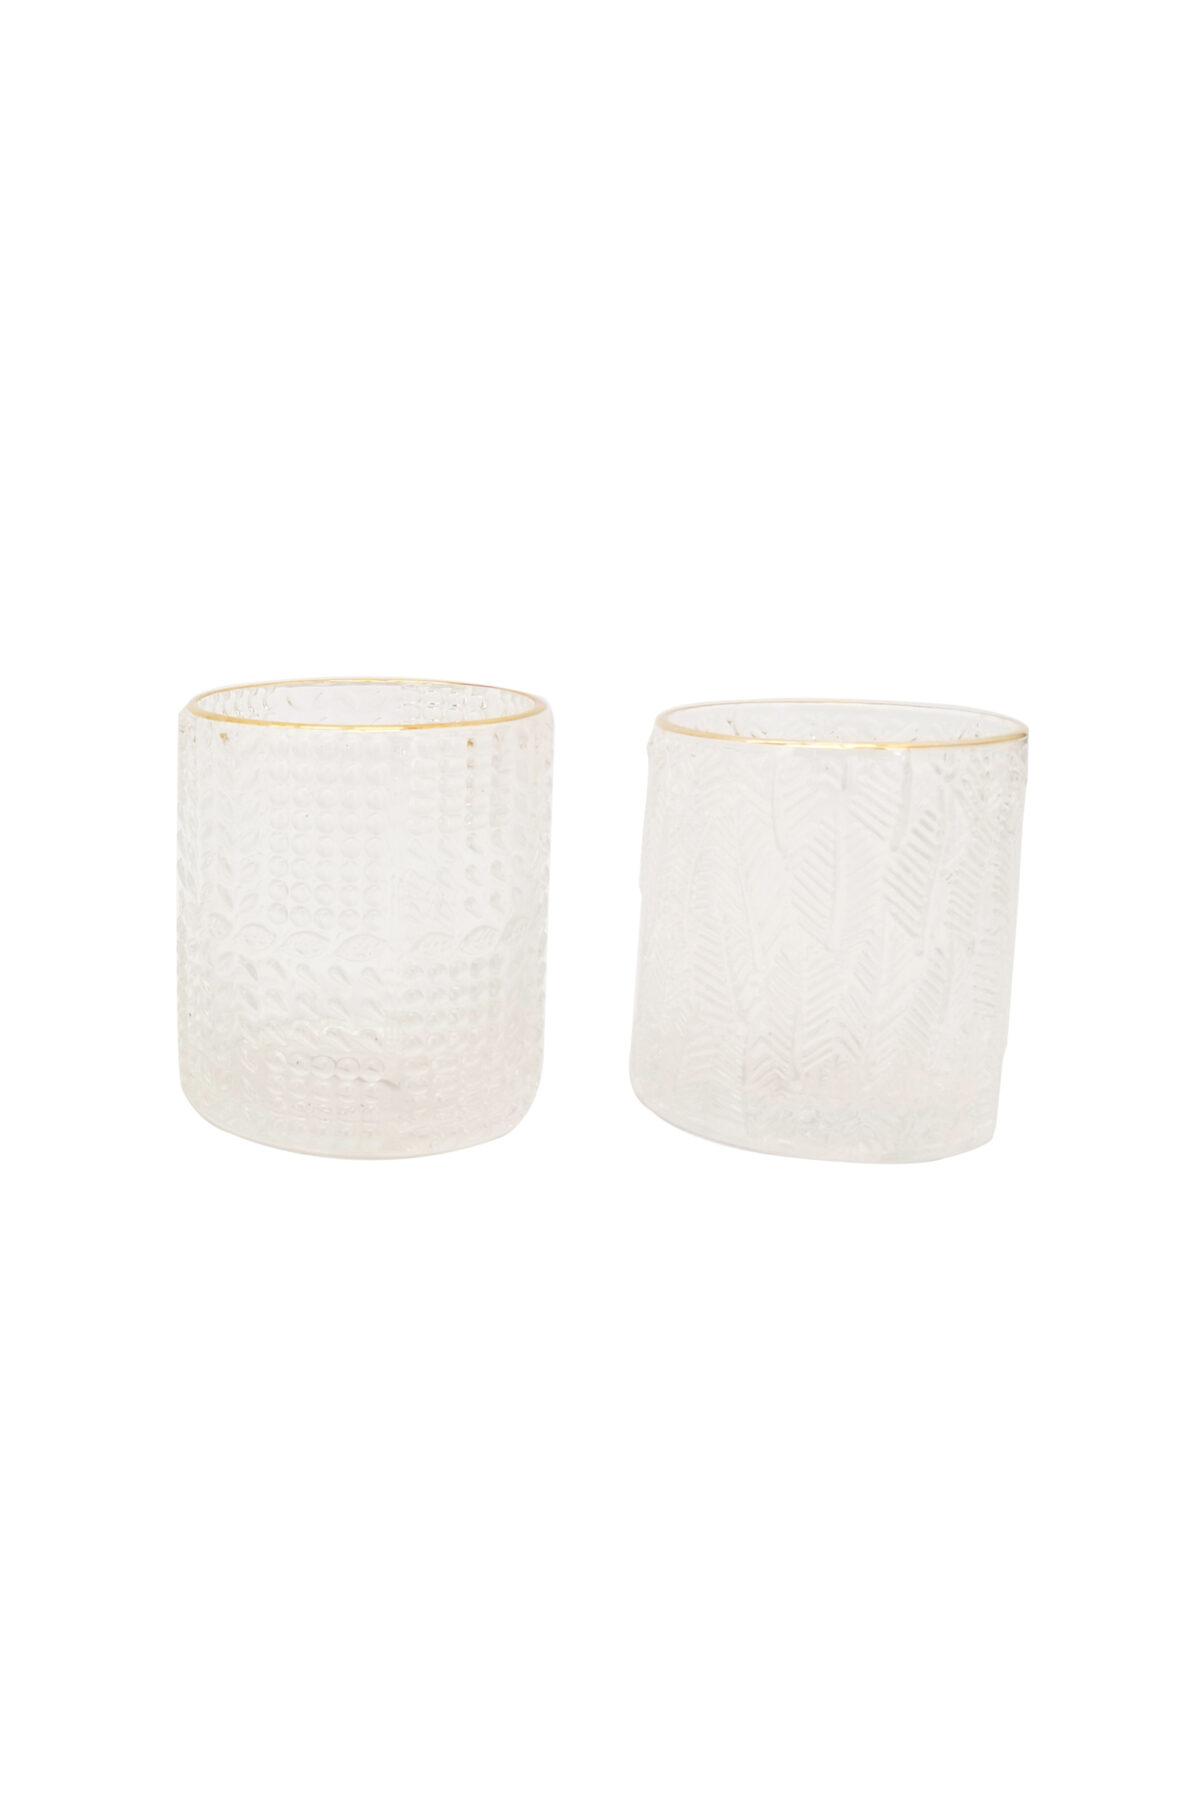 Cilindro - bicchiere in vetro effetto ghiaccio (disegno casuale) con bordo oro d. 8 cm h. 9 cm